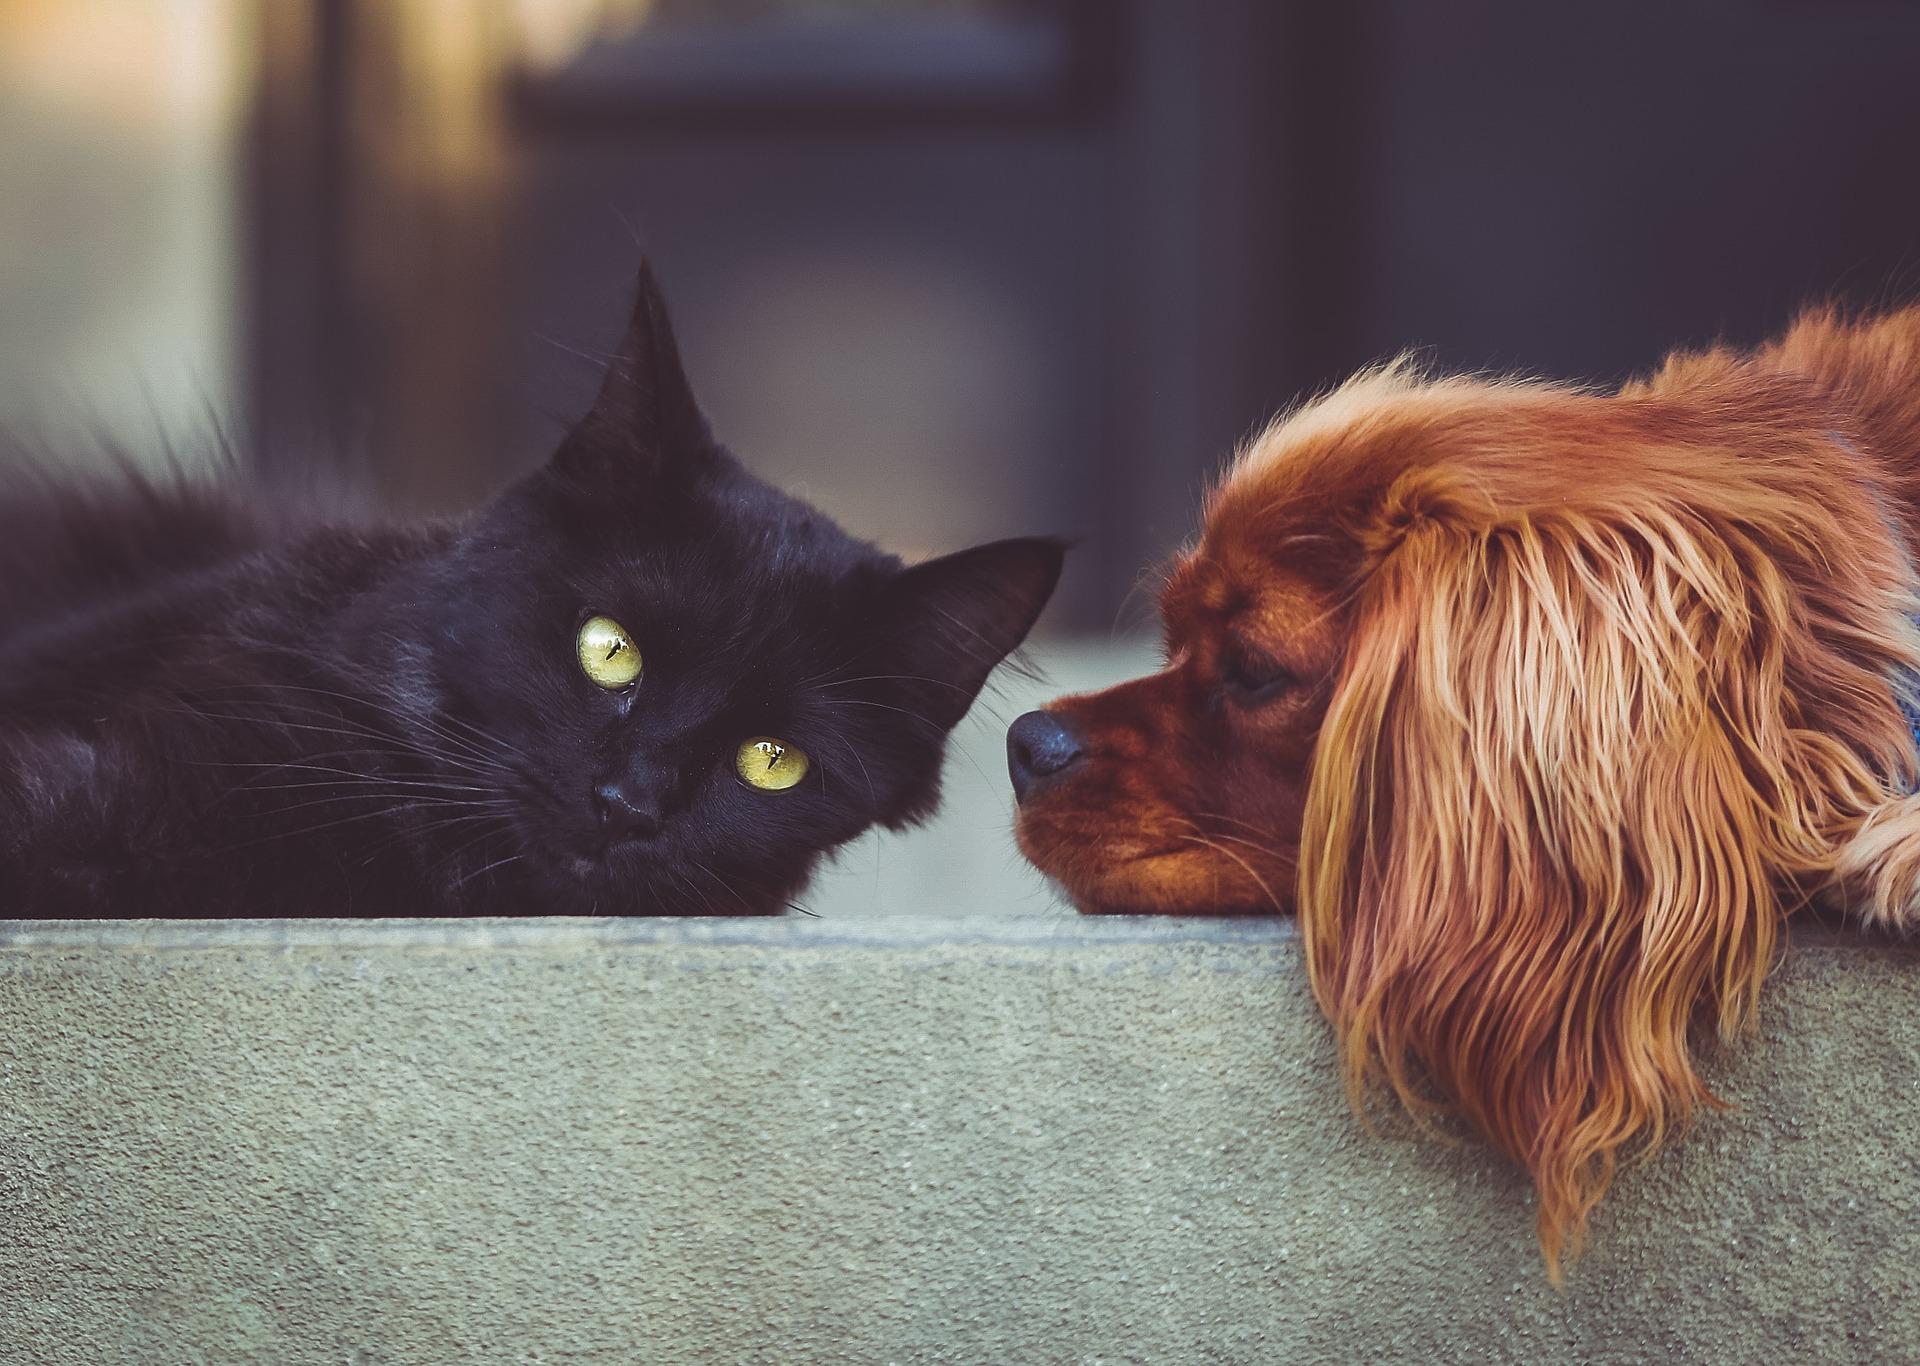 猫と犬が向かい合う画像